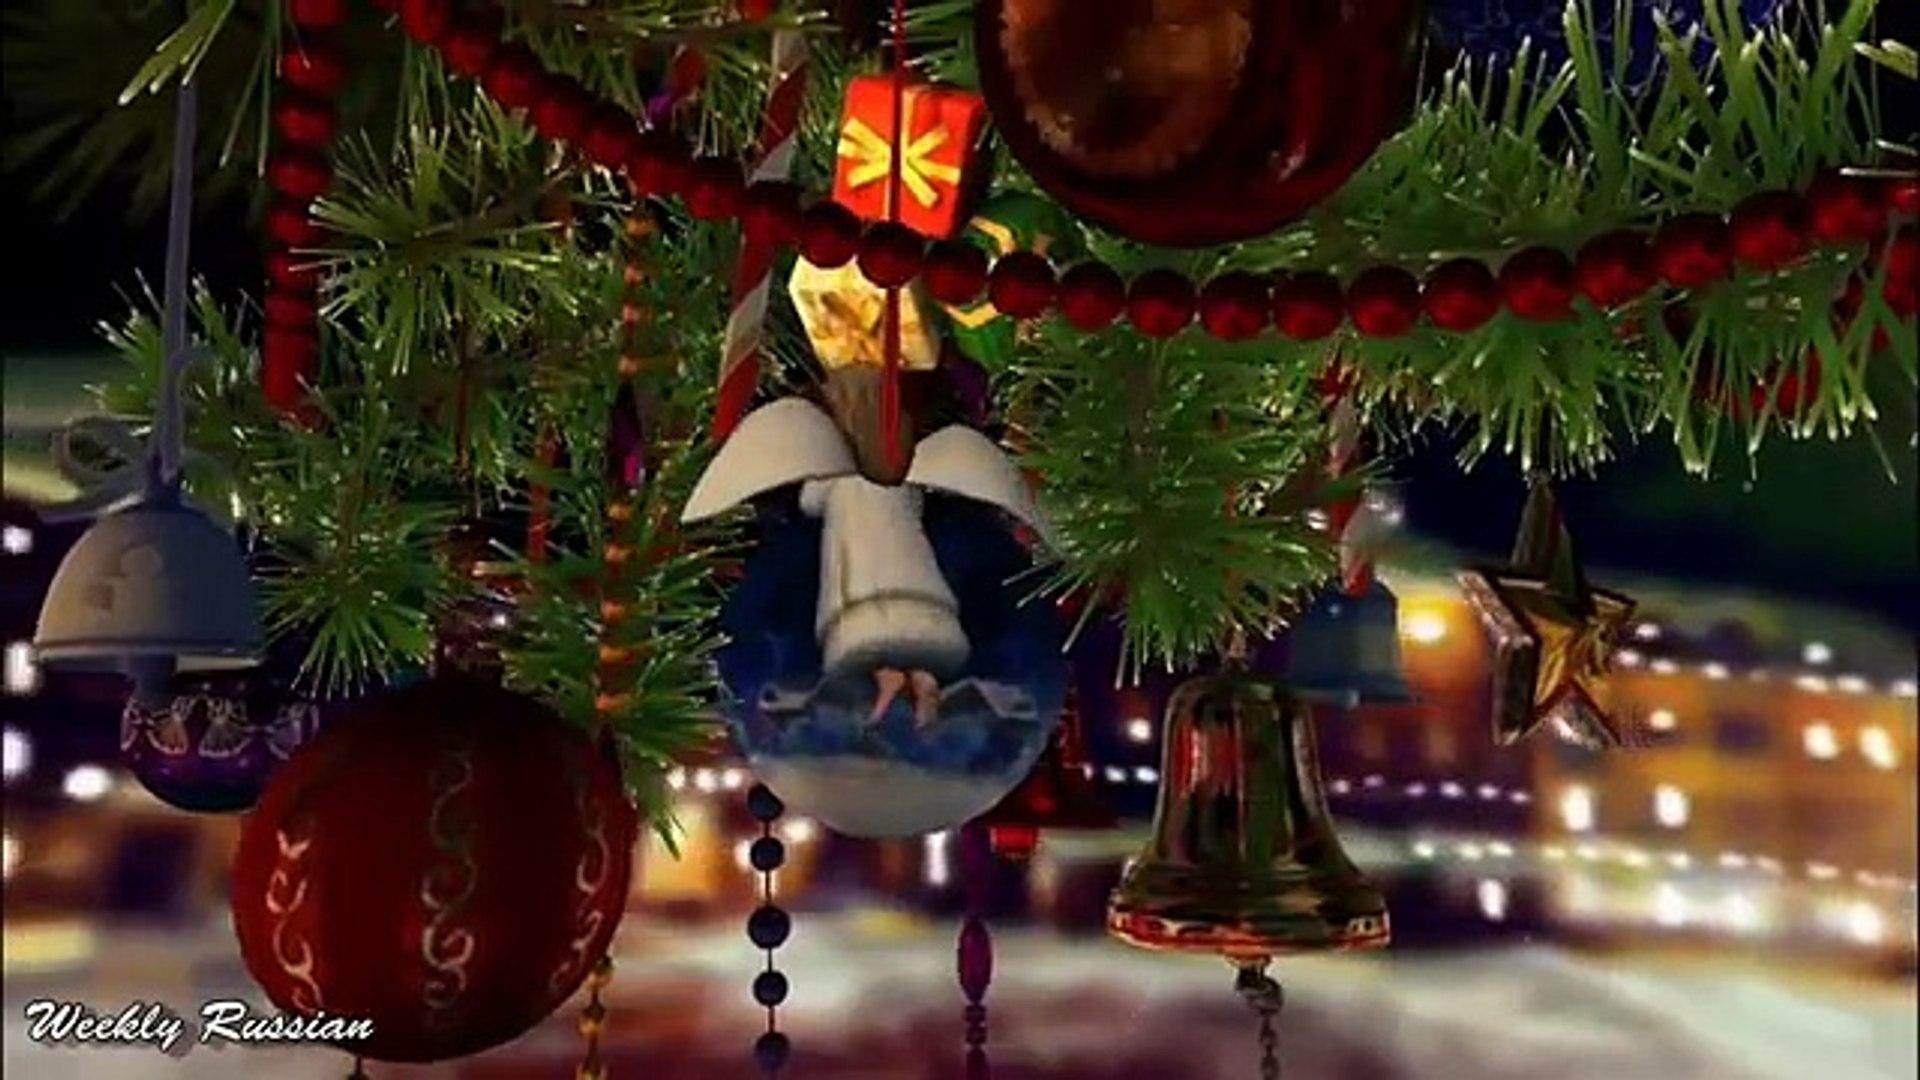 ❆ НОВЫЙ ГОД ровно в полночь придет ❆ С НОВЫМ 2017 ГОДОМ! ❆ Новогодние песни для детей и взрослых